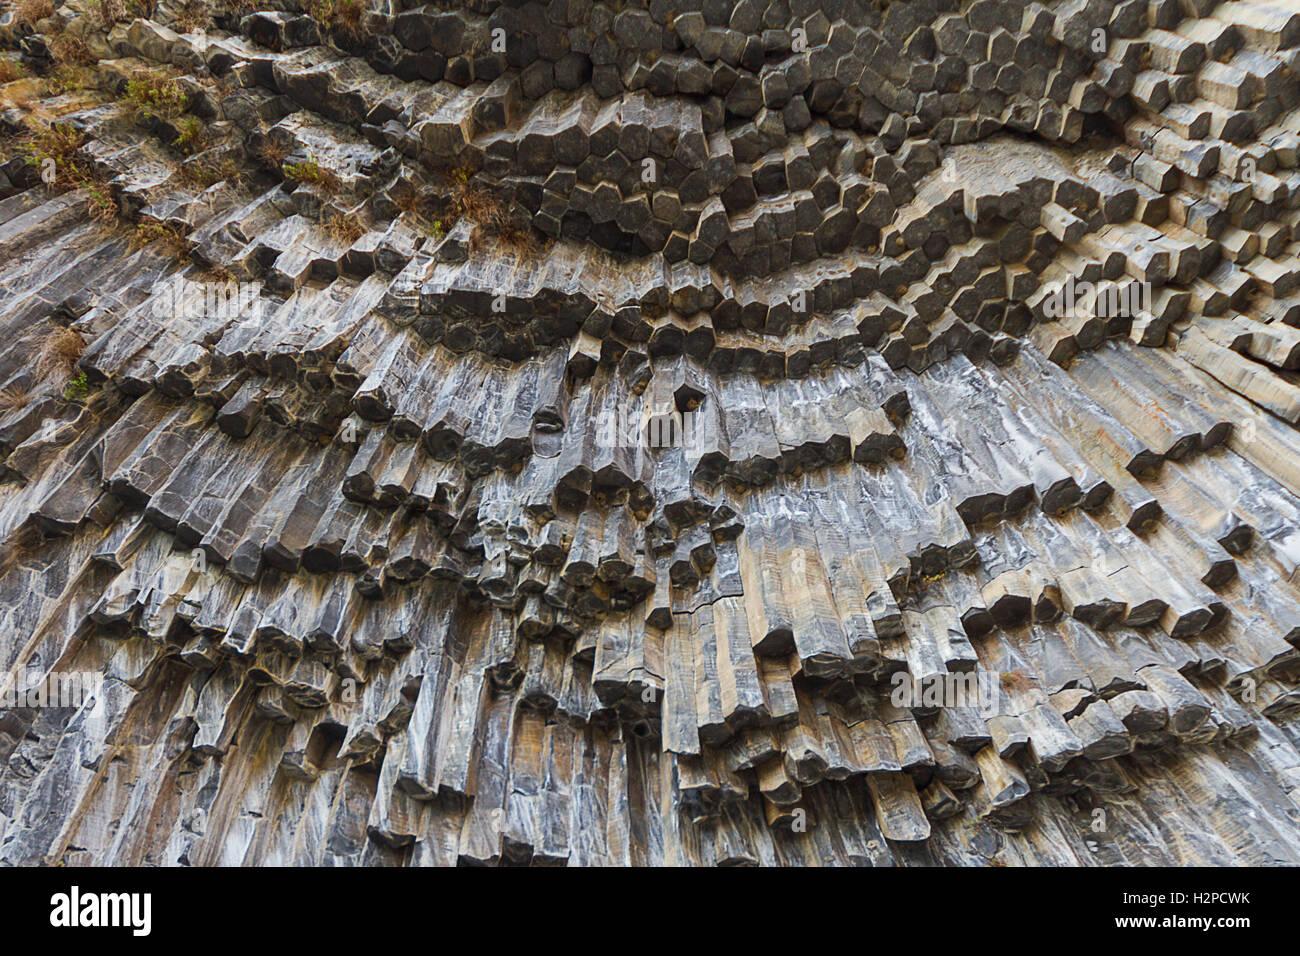 Colunas de basalto conhecido como sinfonia de pedras na Arménia. Imagens de Stock